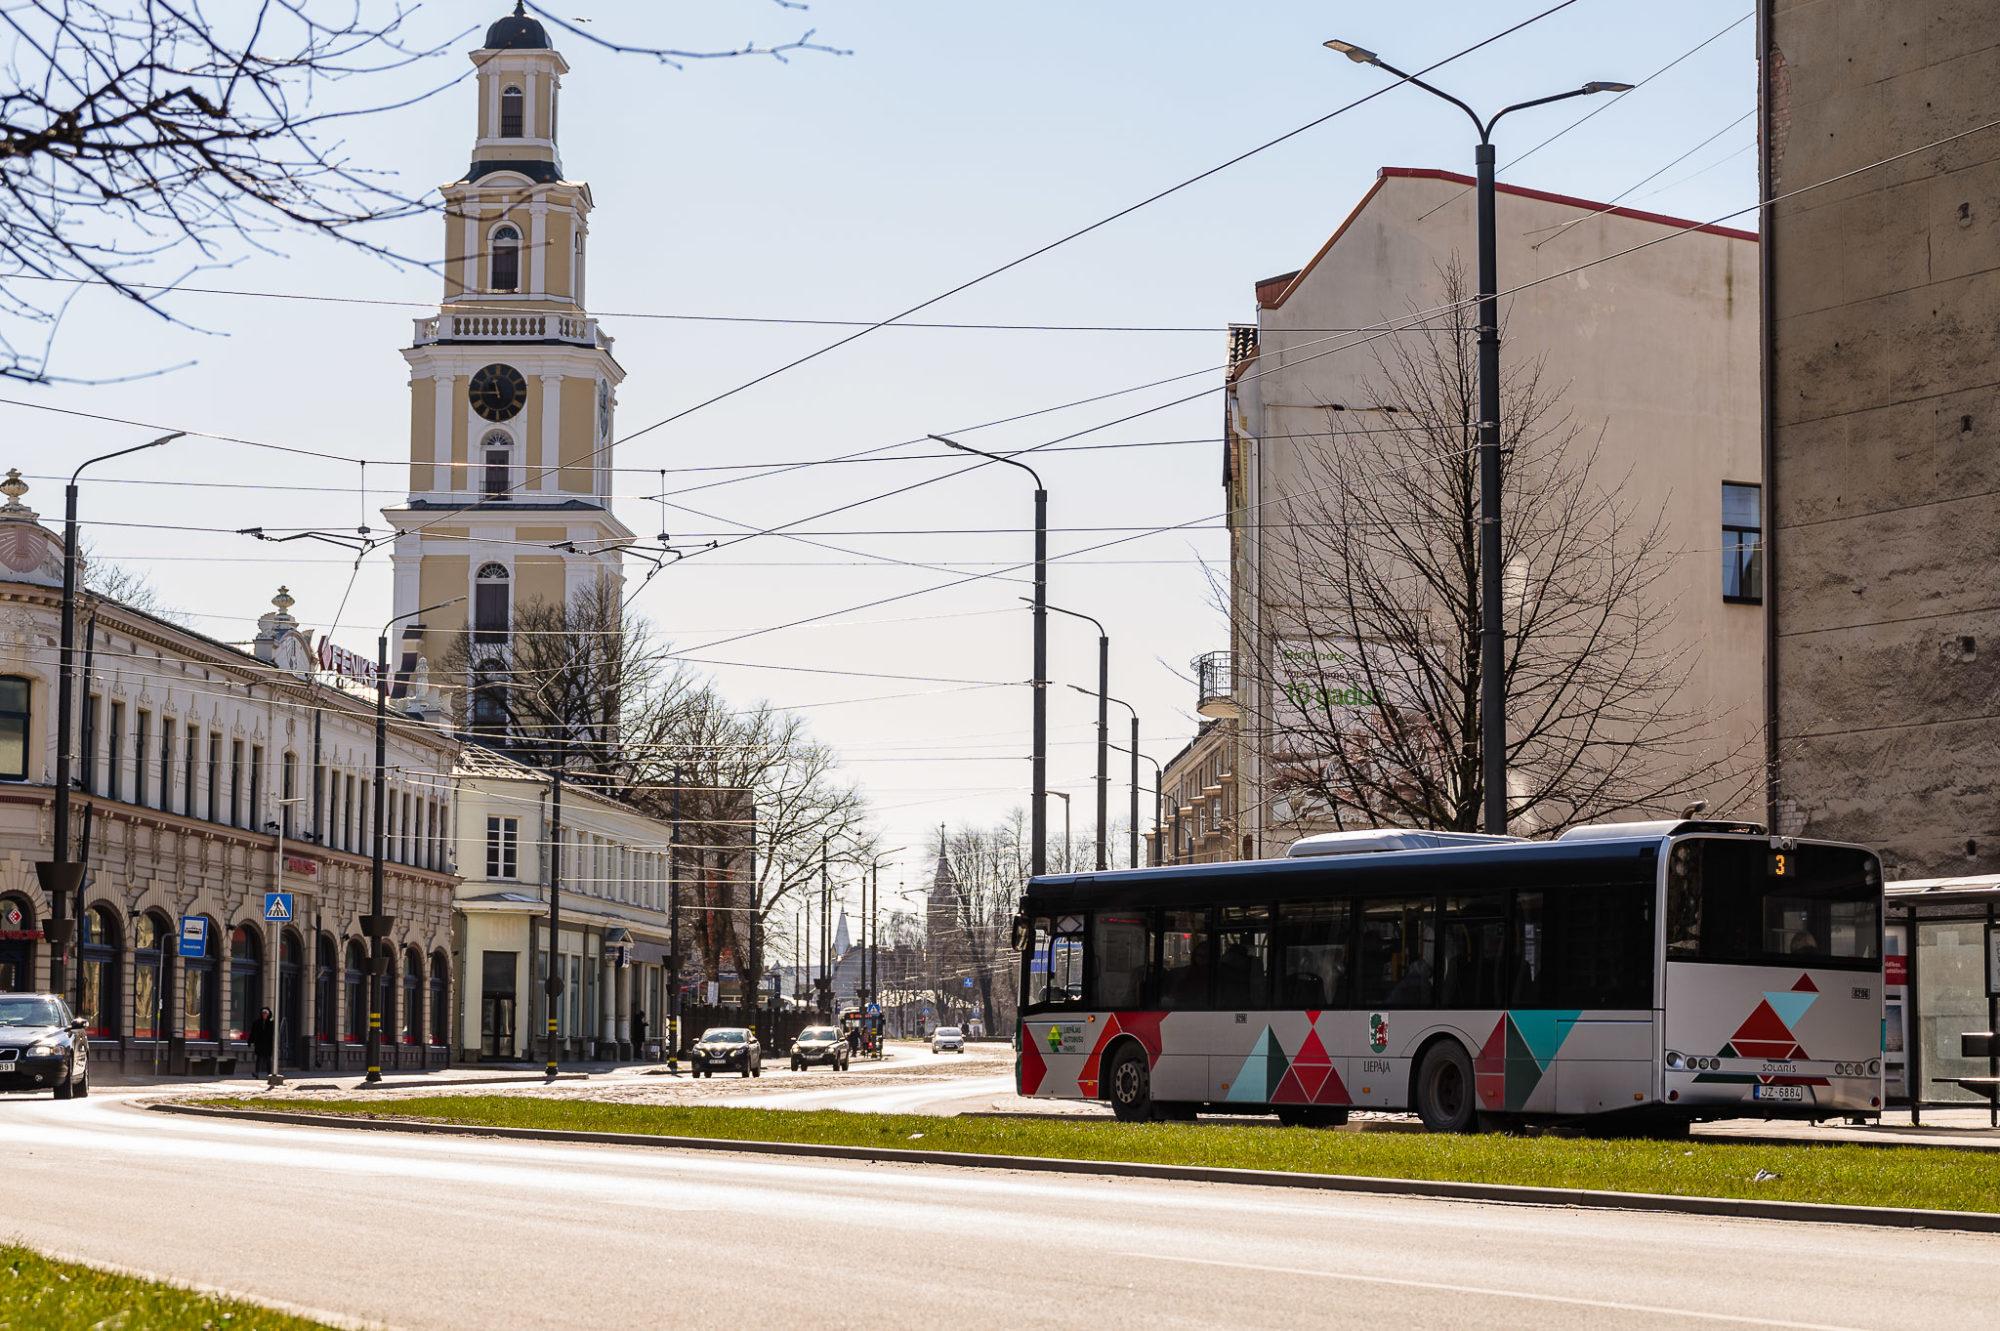 Будет закрыт автобусный маршрут 1 и 1а